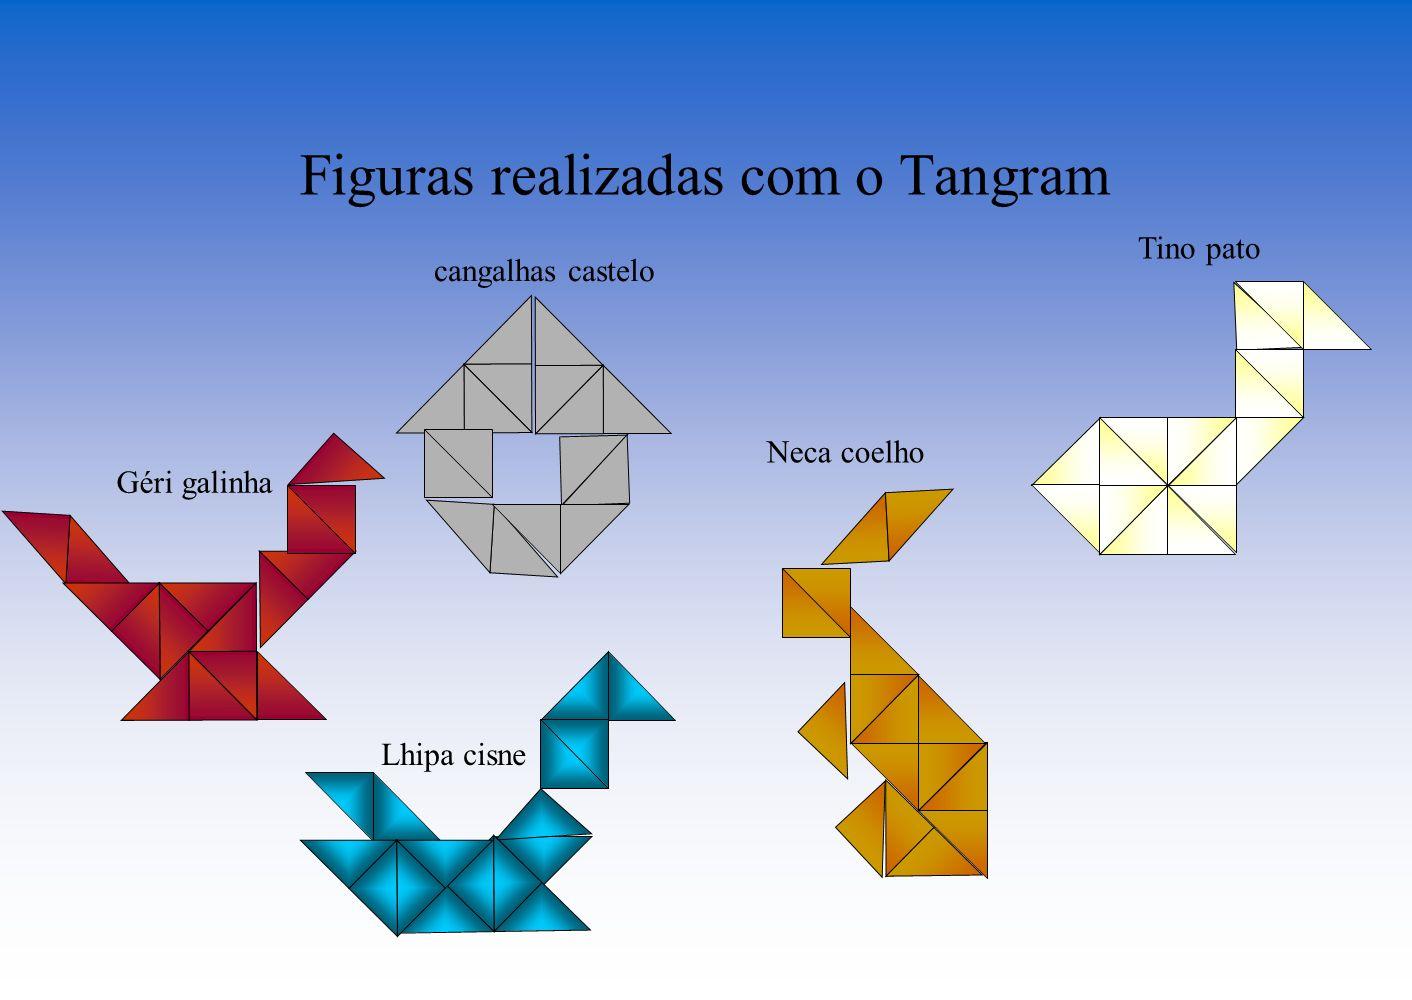 Figuras realizadas com o Tangram